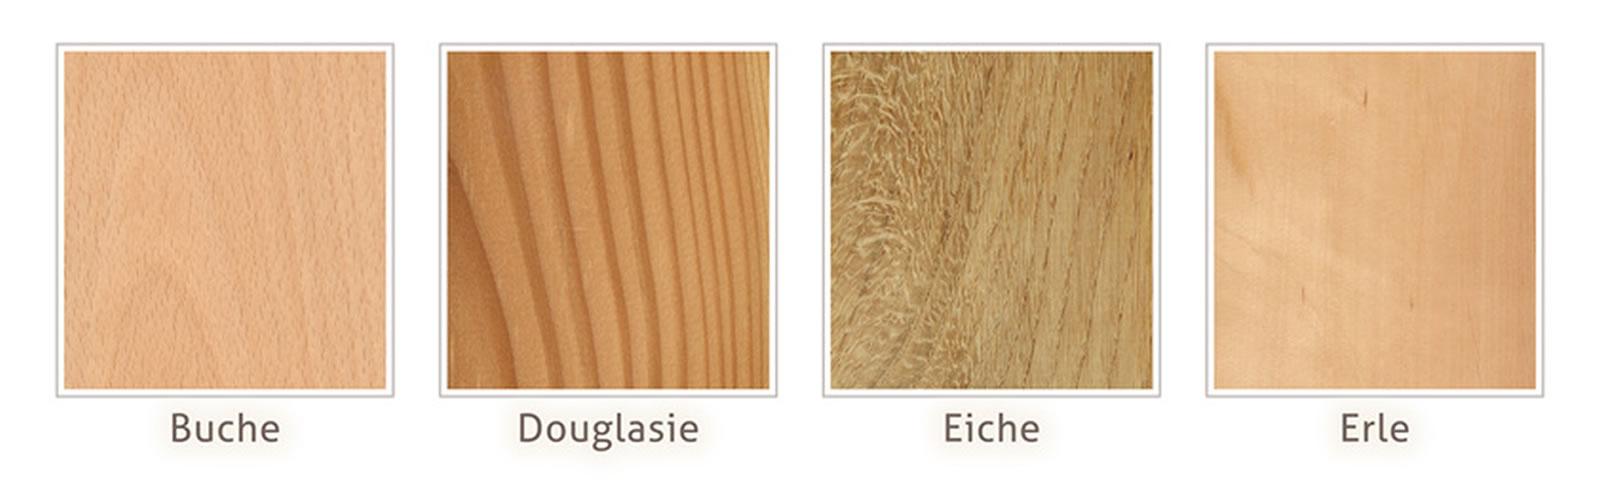 Schreinerwerkstatt Seeger Holzarten Für Möbelbau